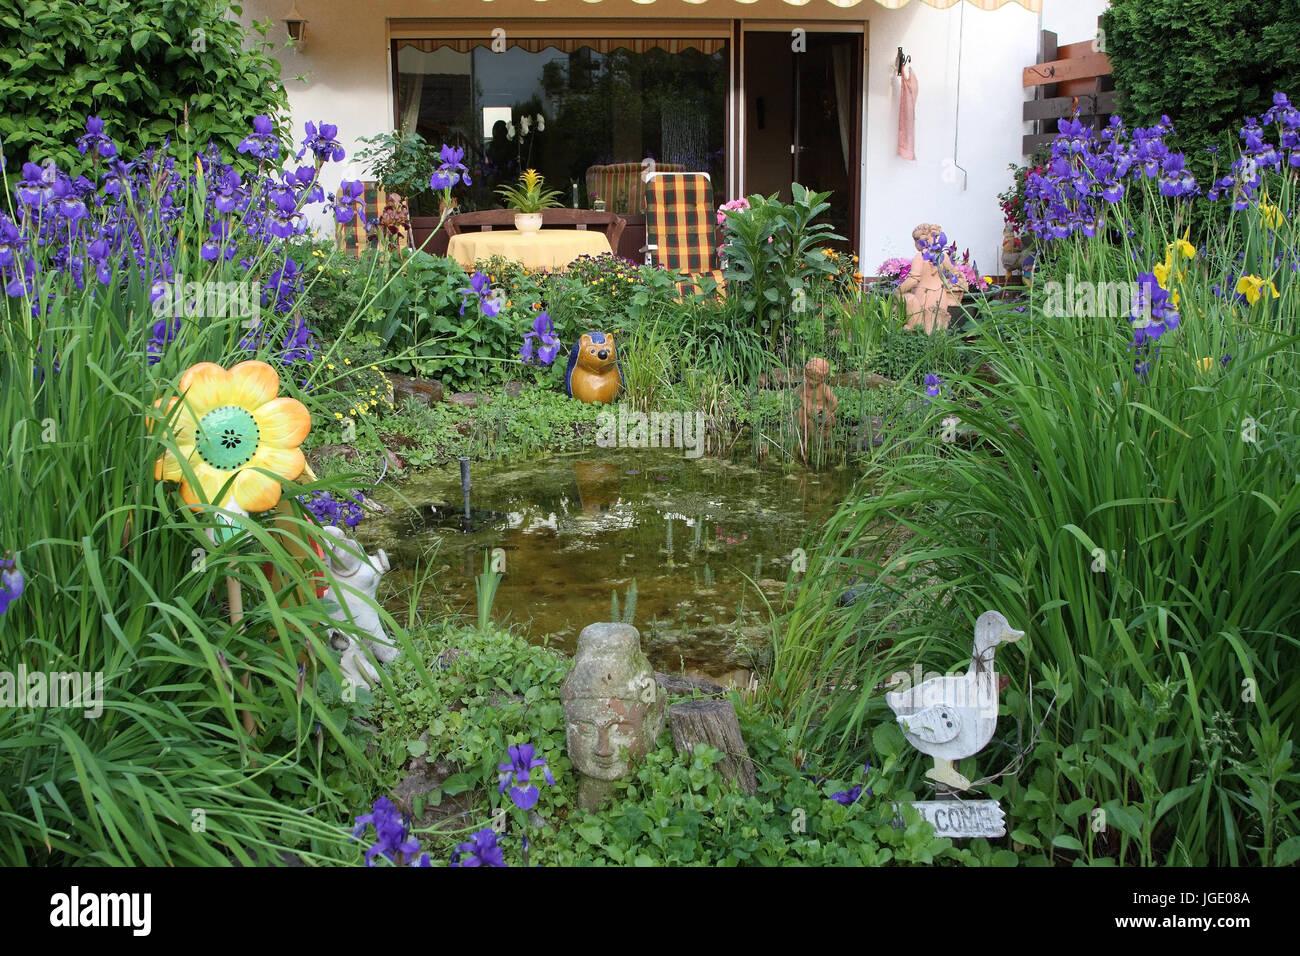 Garten Mit Teich, Garten Mit Teich